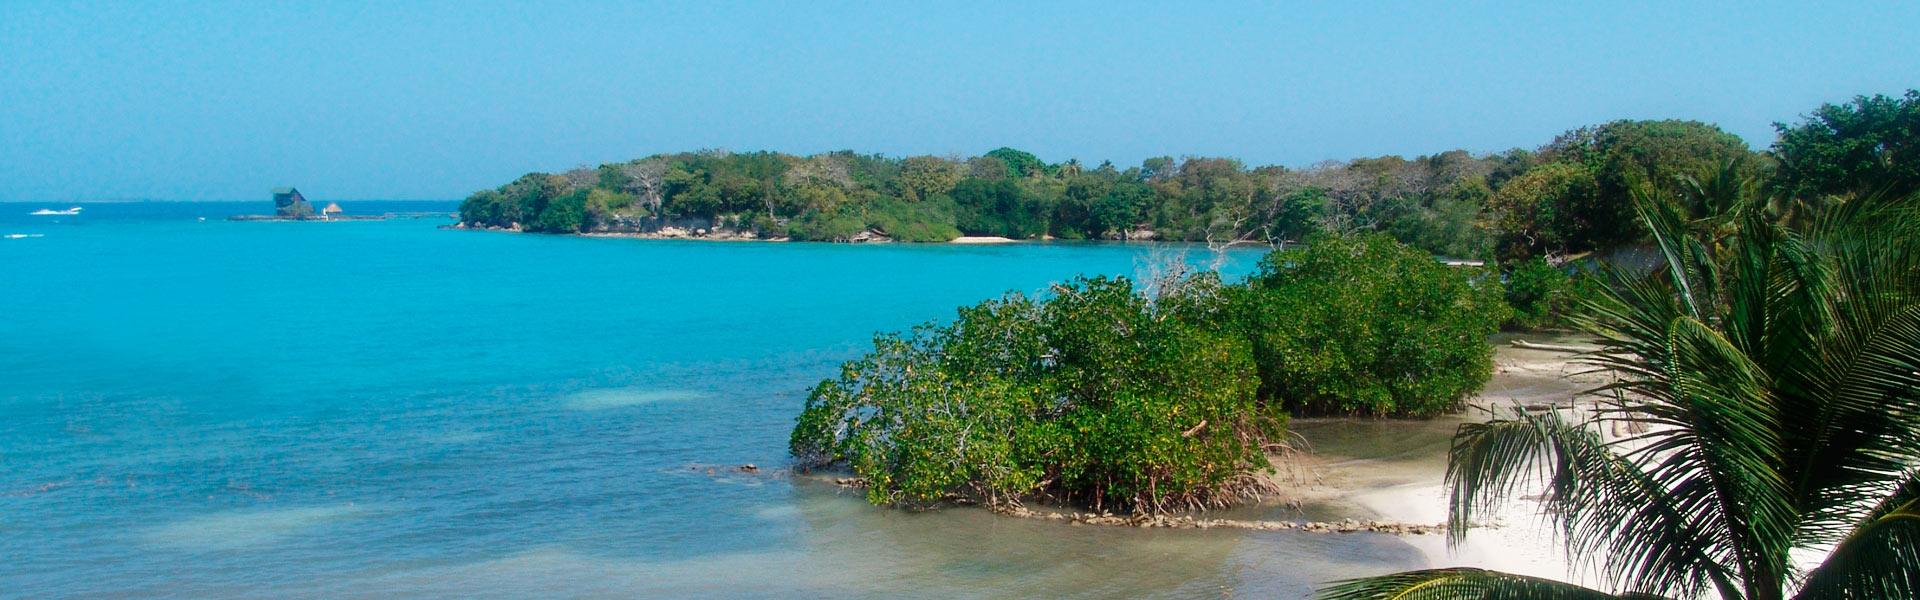 islas-de-colombia-3